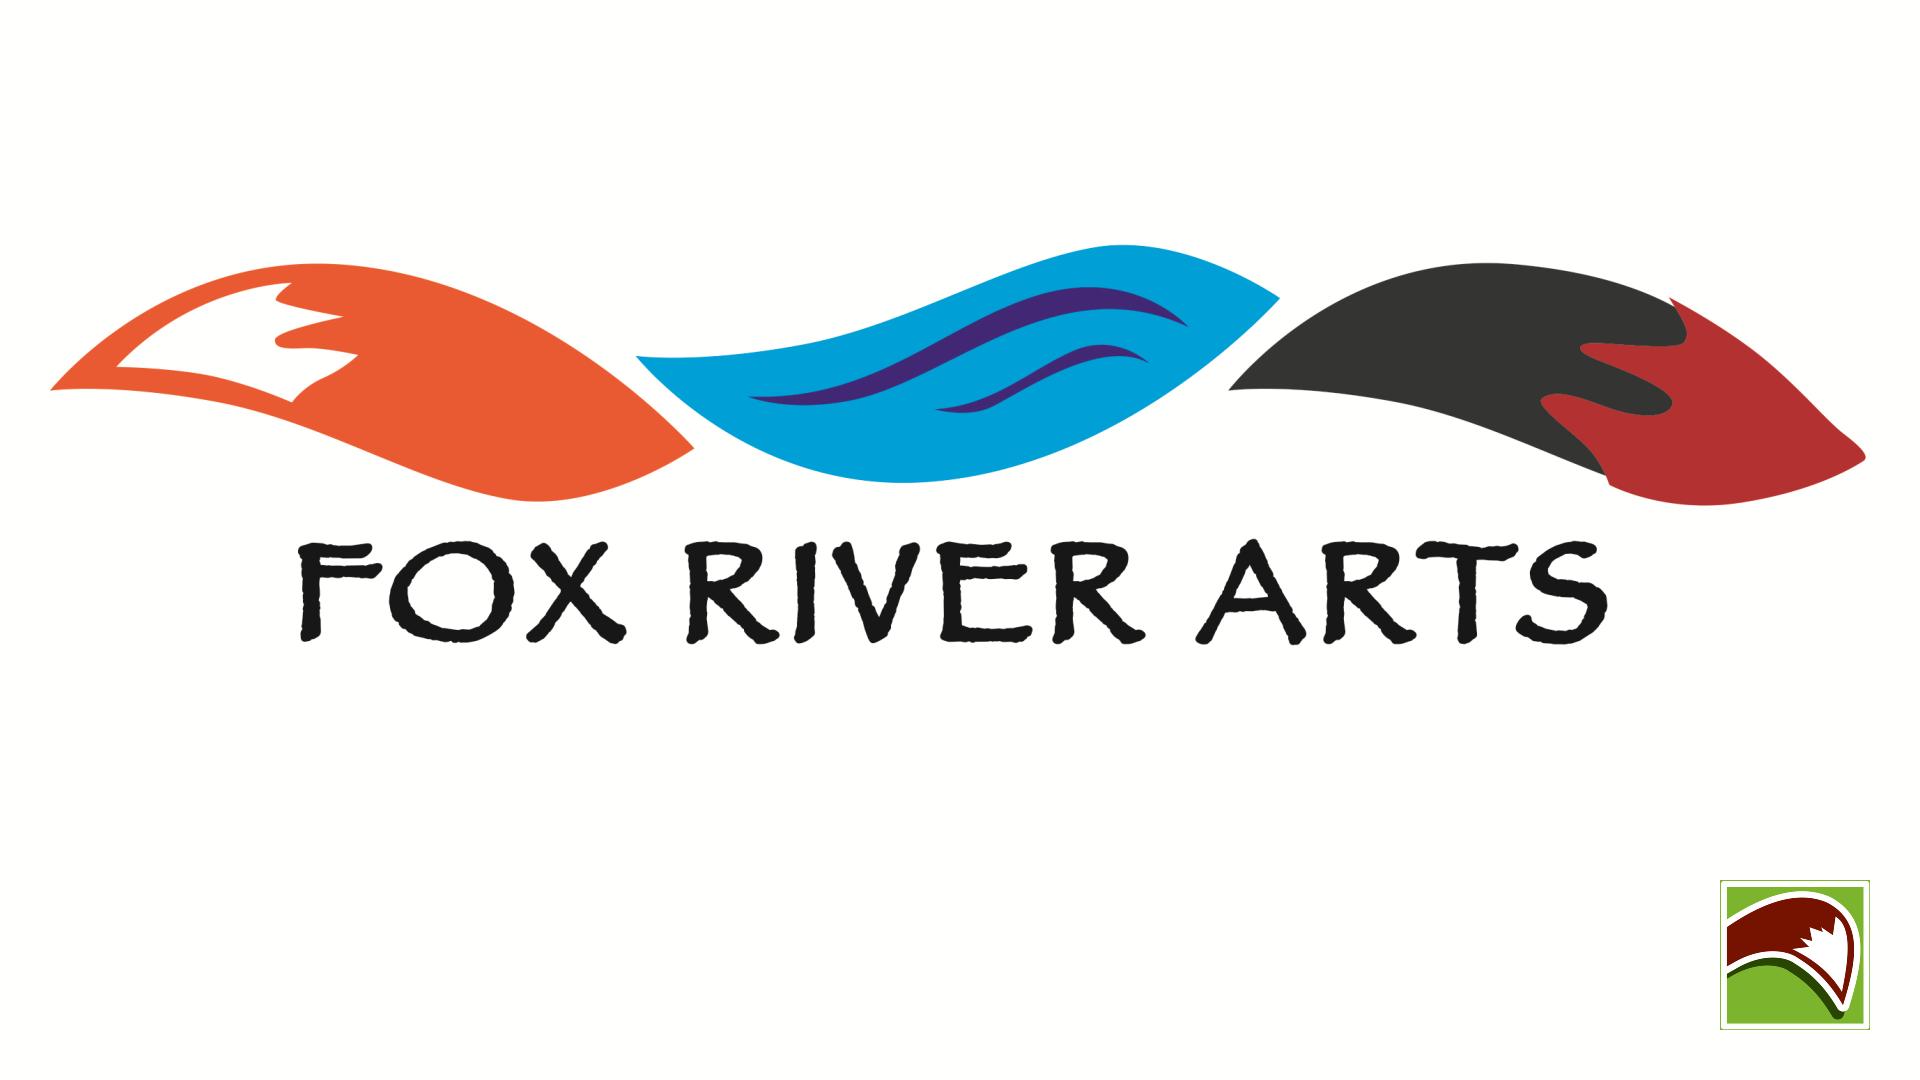 fox river arts show artwork 1920x1080.png